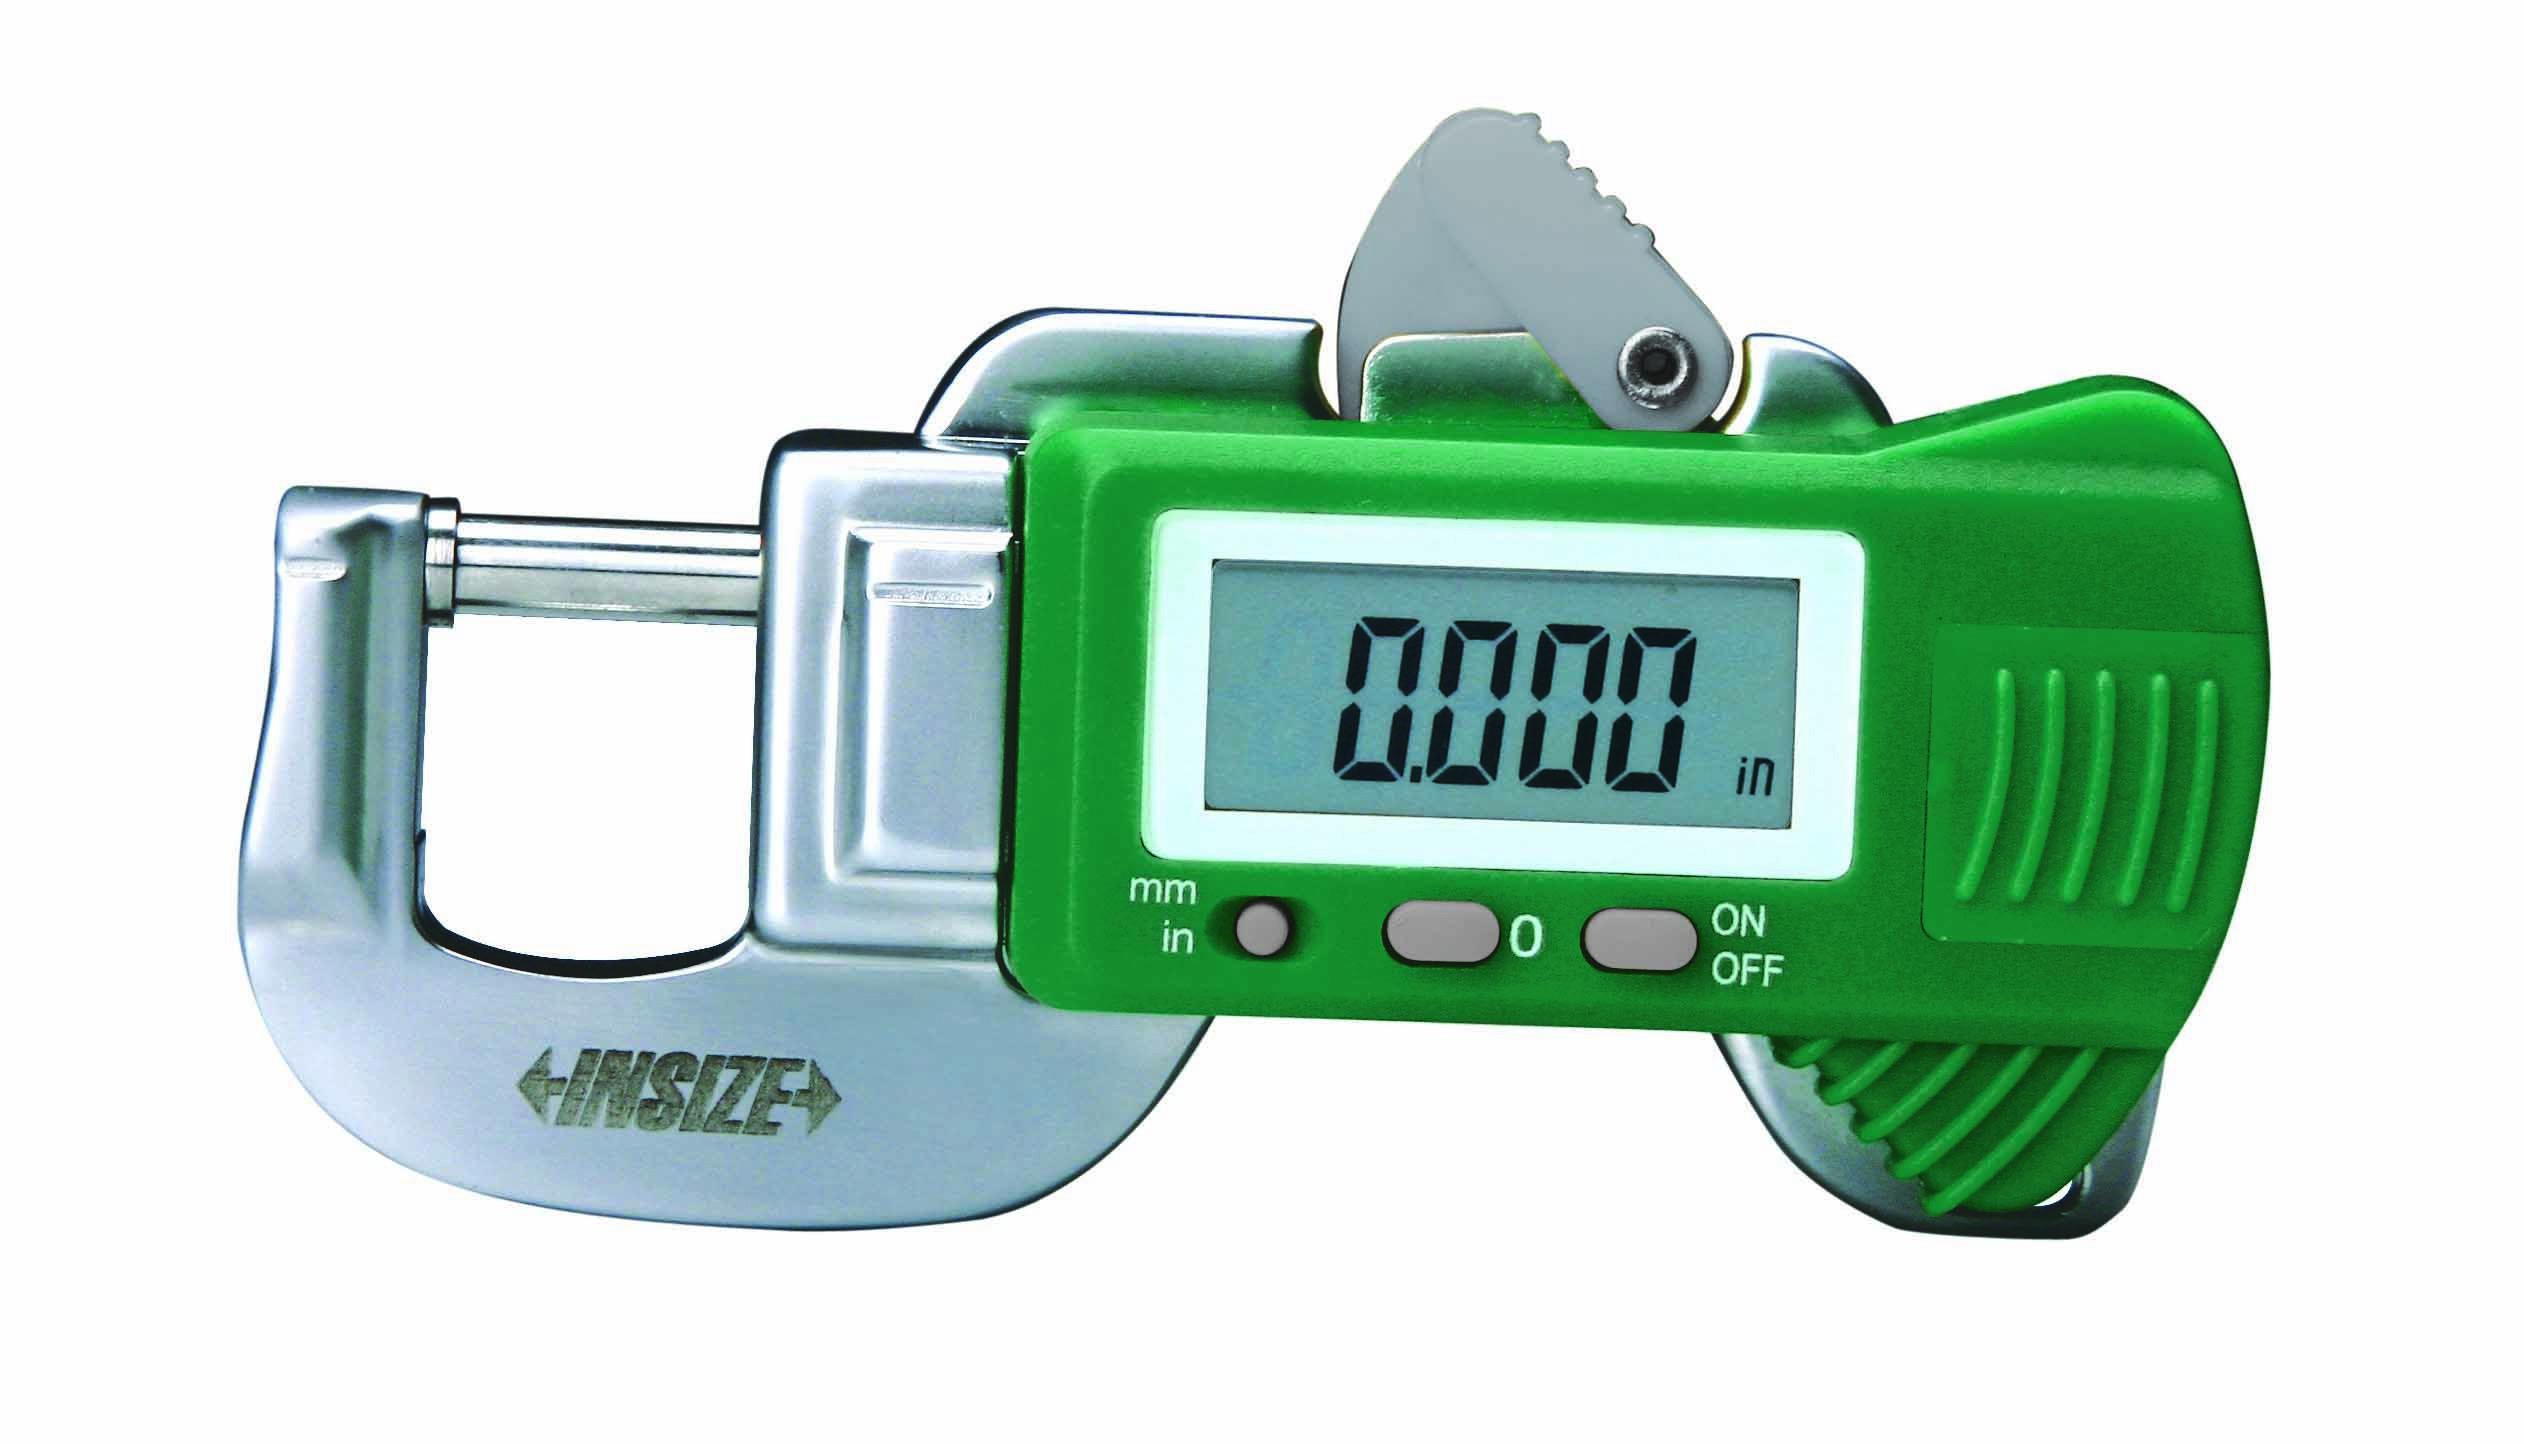 Digitalni uređaj za mjerenje debljine, Insize